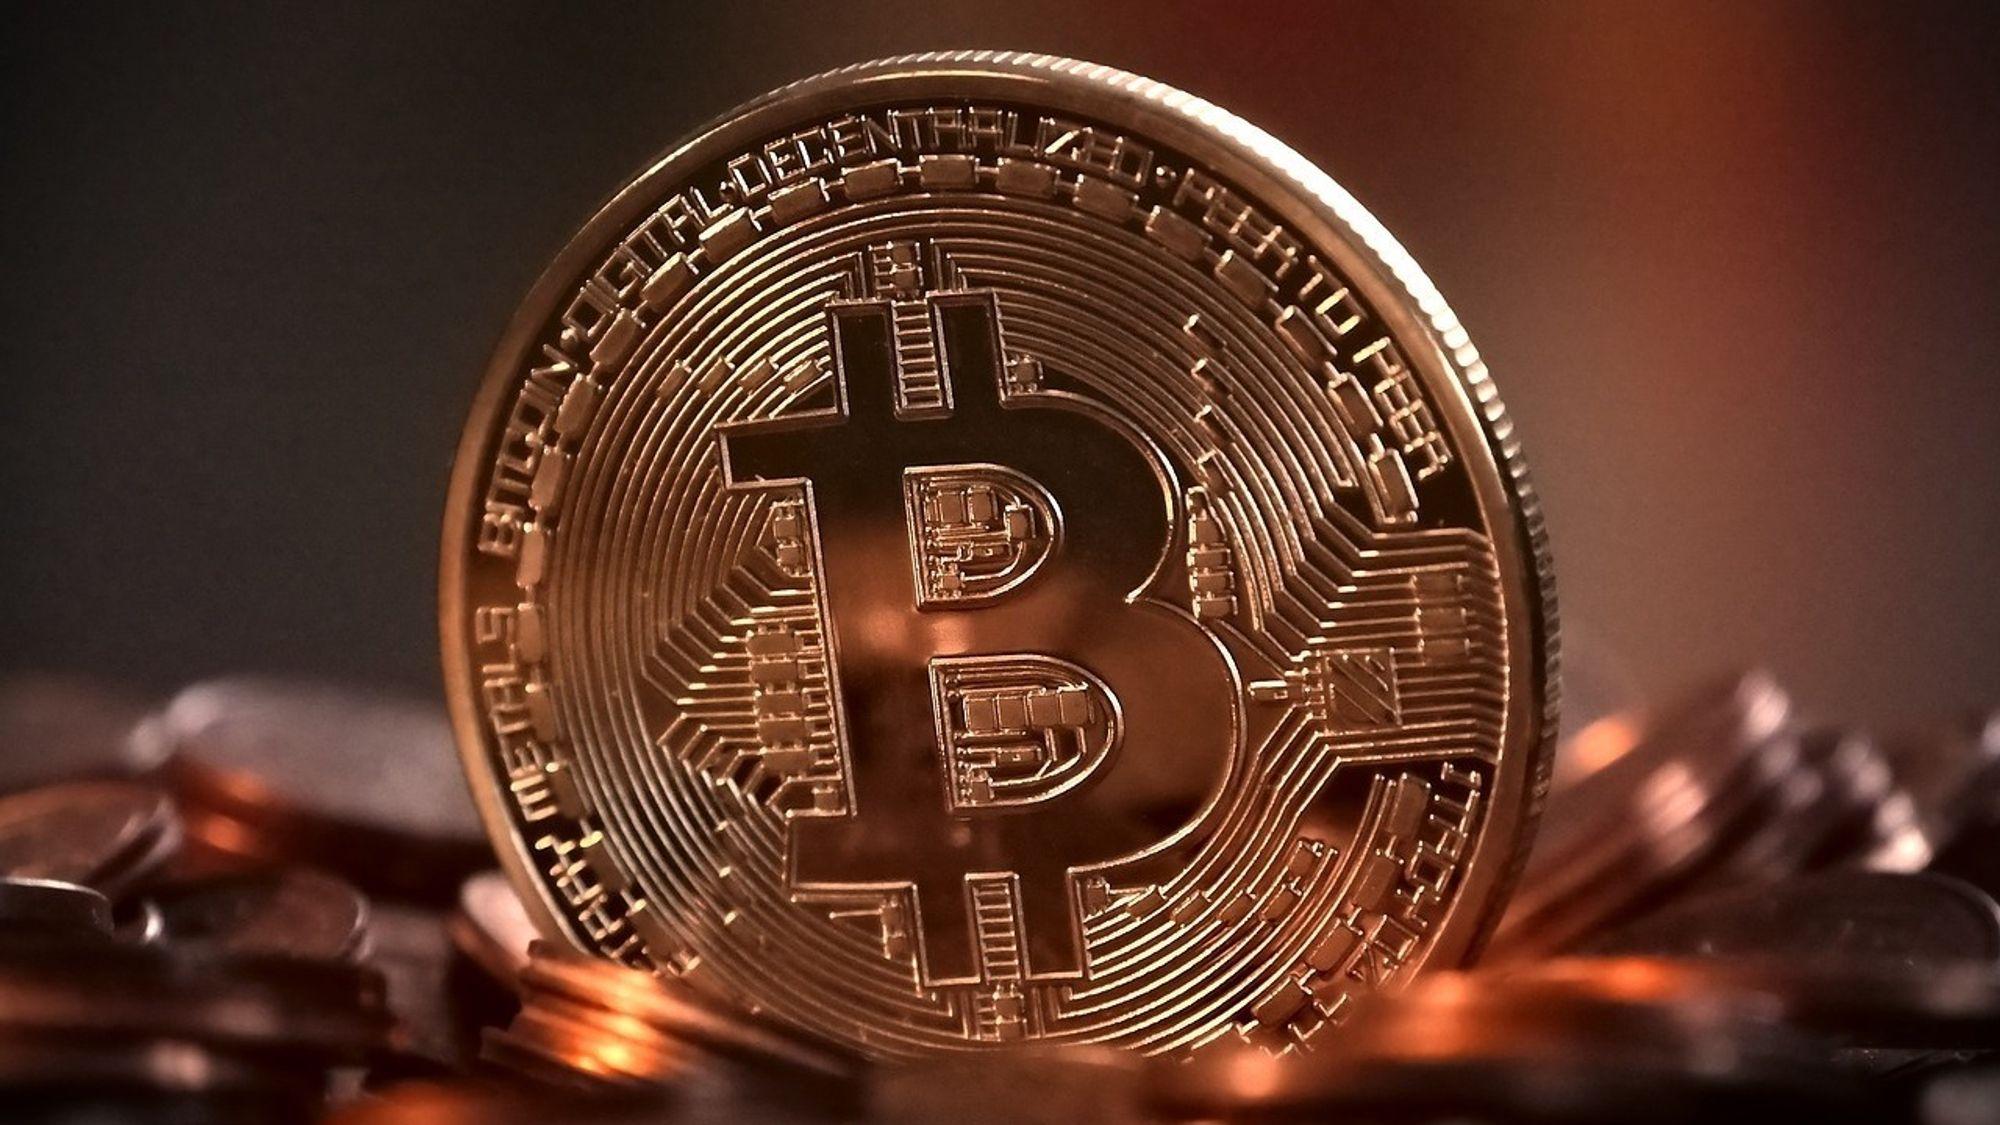 ANNONSE: ELEVO Norge forklarer: Så mye energi krever utvinning av bitcoin